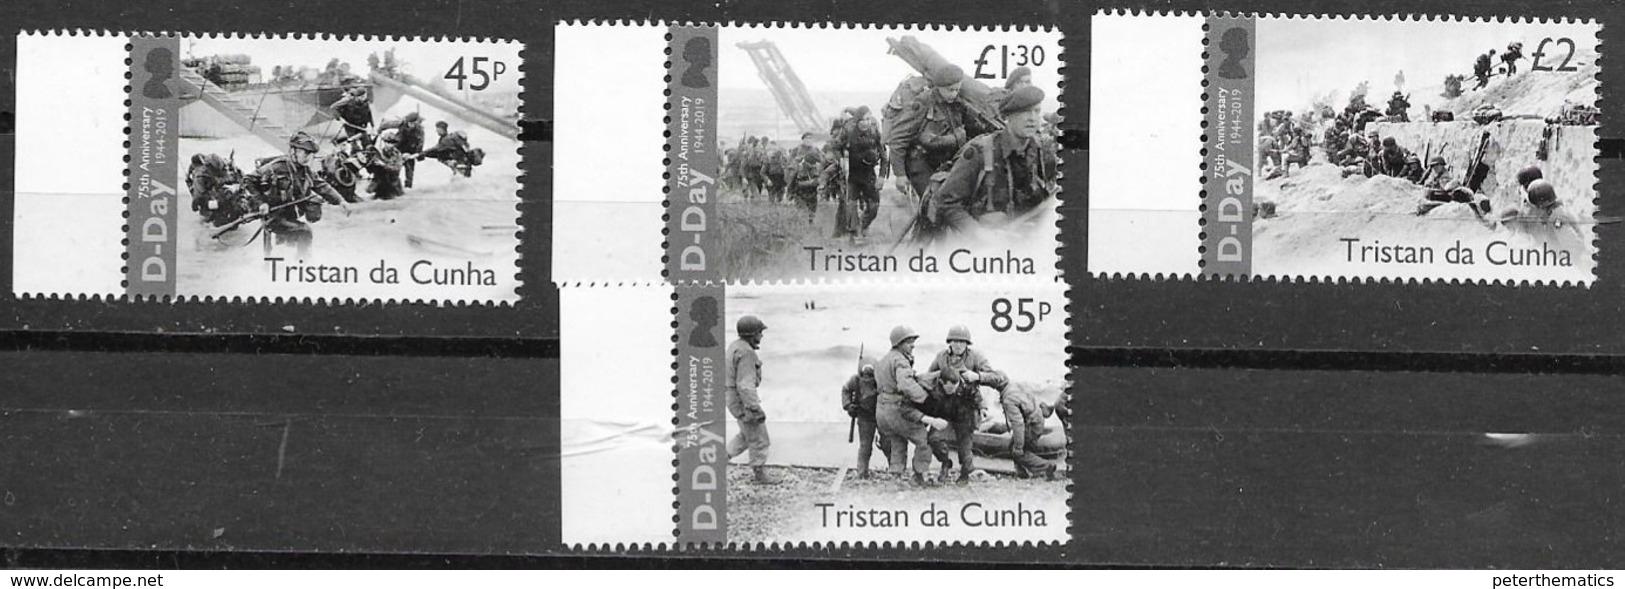 TRISTAN DA CUNHA, 2019, MNH, WWII, D-DAY, SHIPS,  MILITARY, 4v - WW2